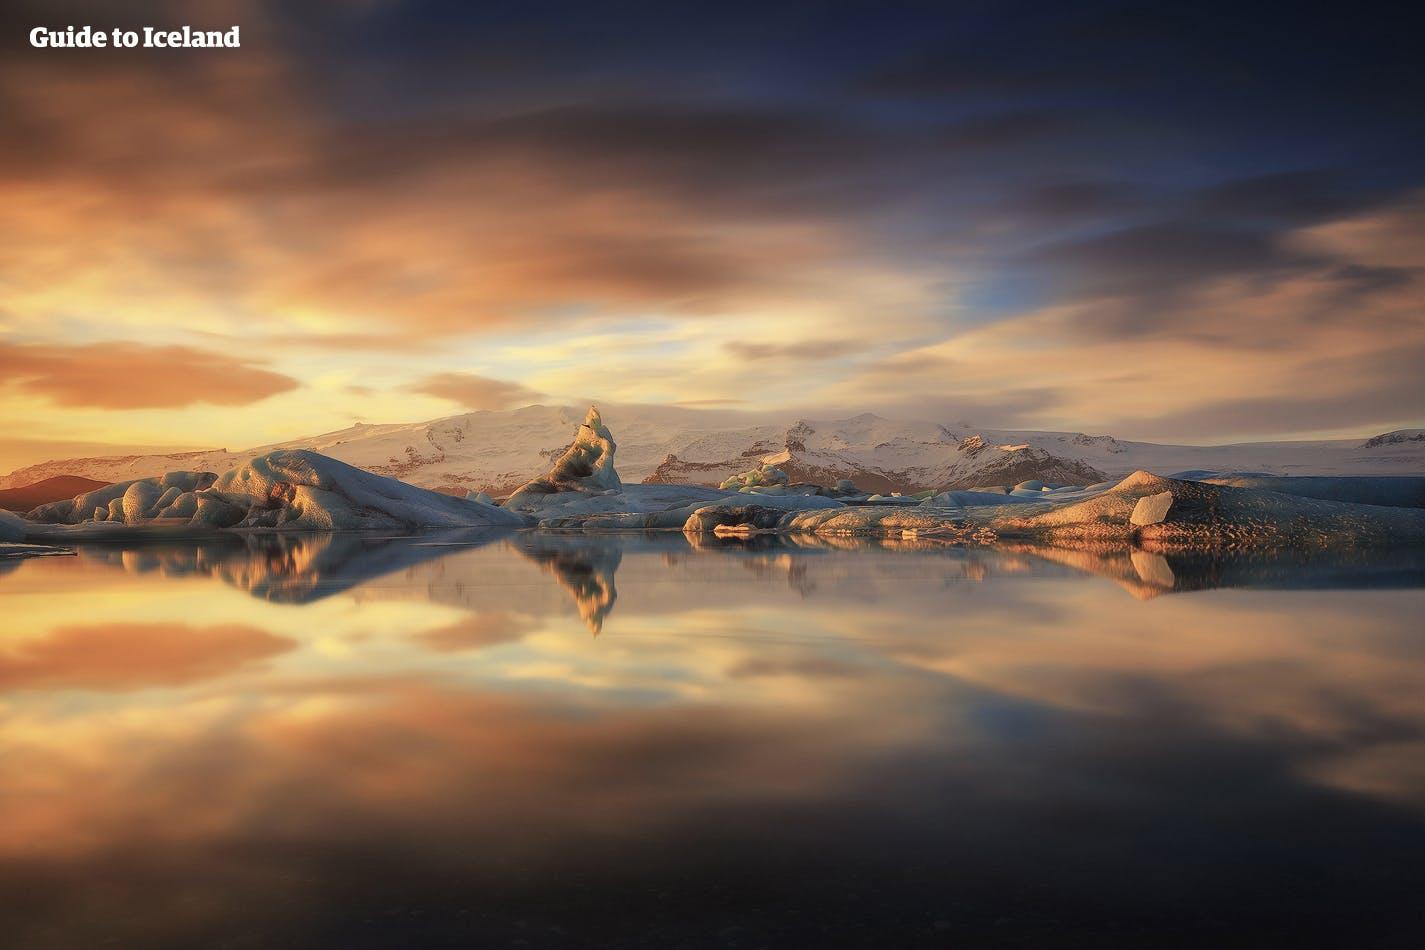 ไปปีนธารน้ำแข็งโซลเฮมาร์โจกุลและเพลิดเพลินตากับวิวสวยๆ